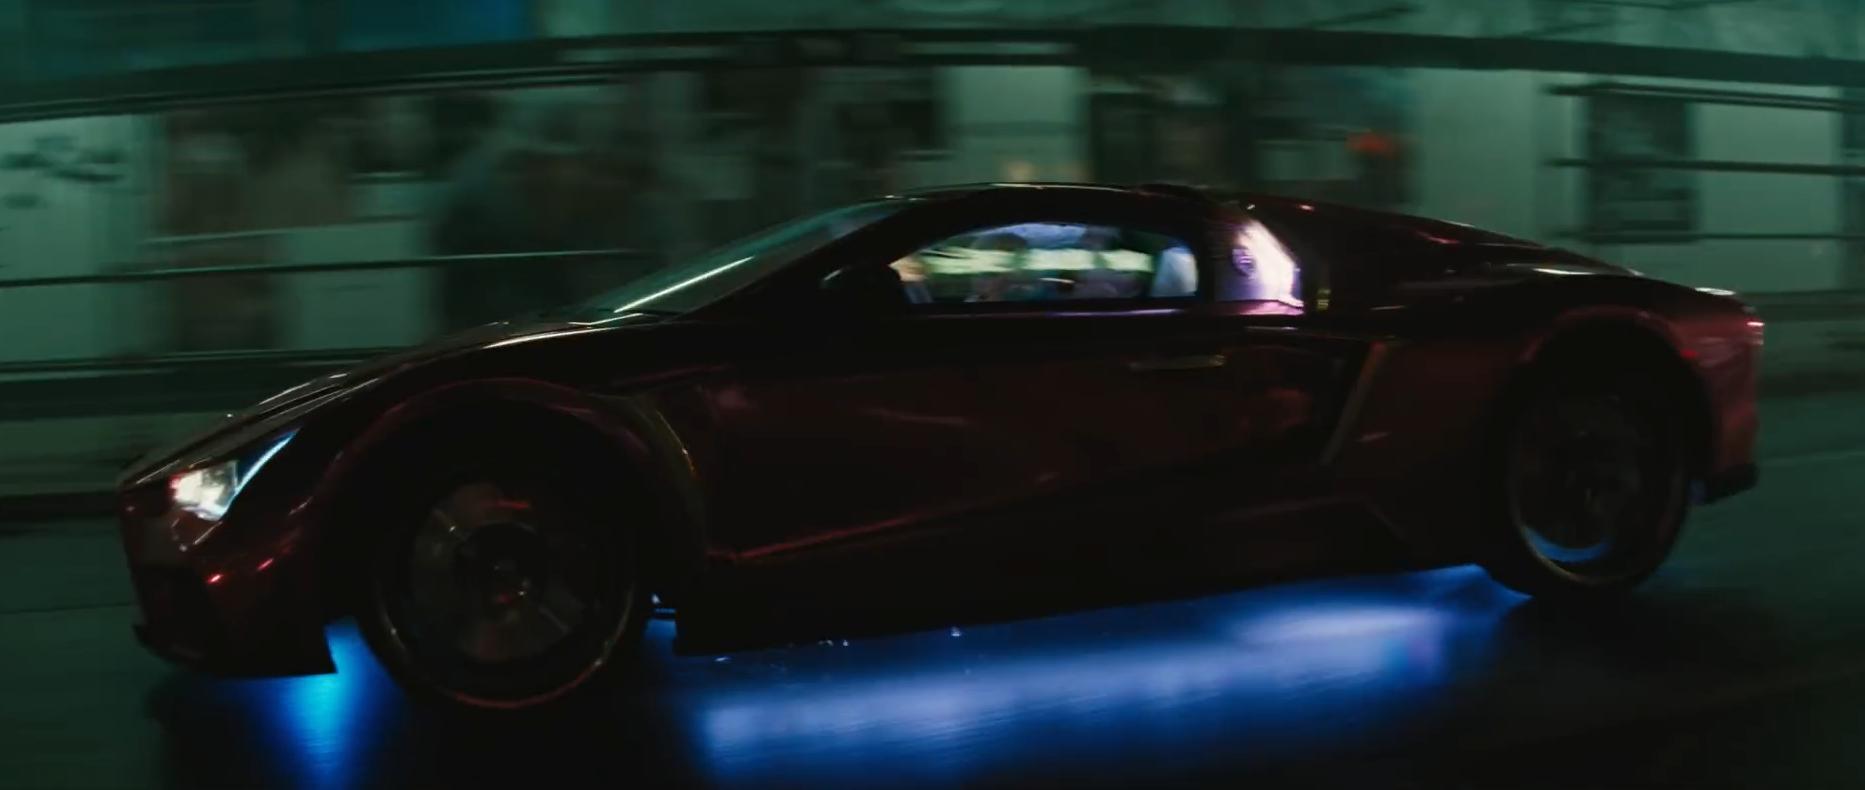 De auto van The Joker in de film Suicide Squad, de Vaydor G35.